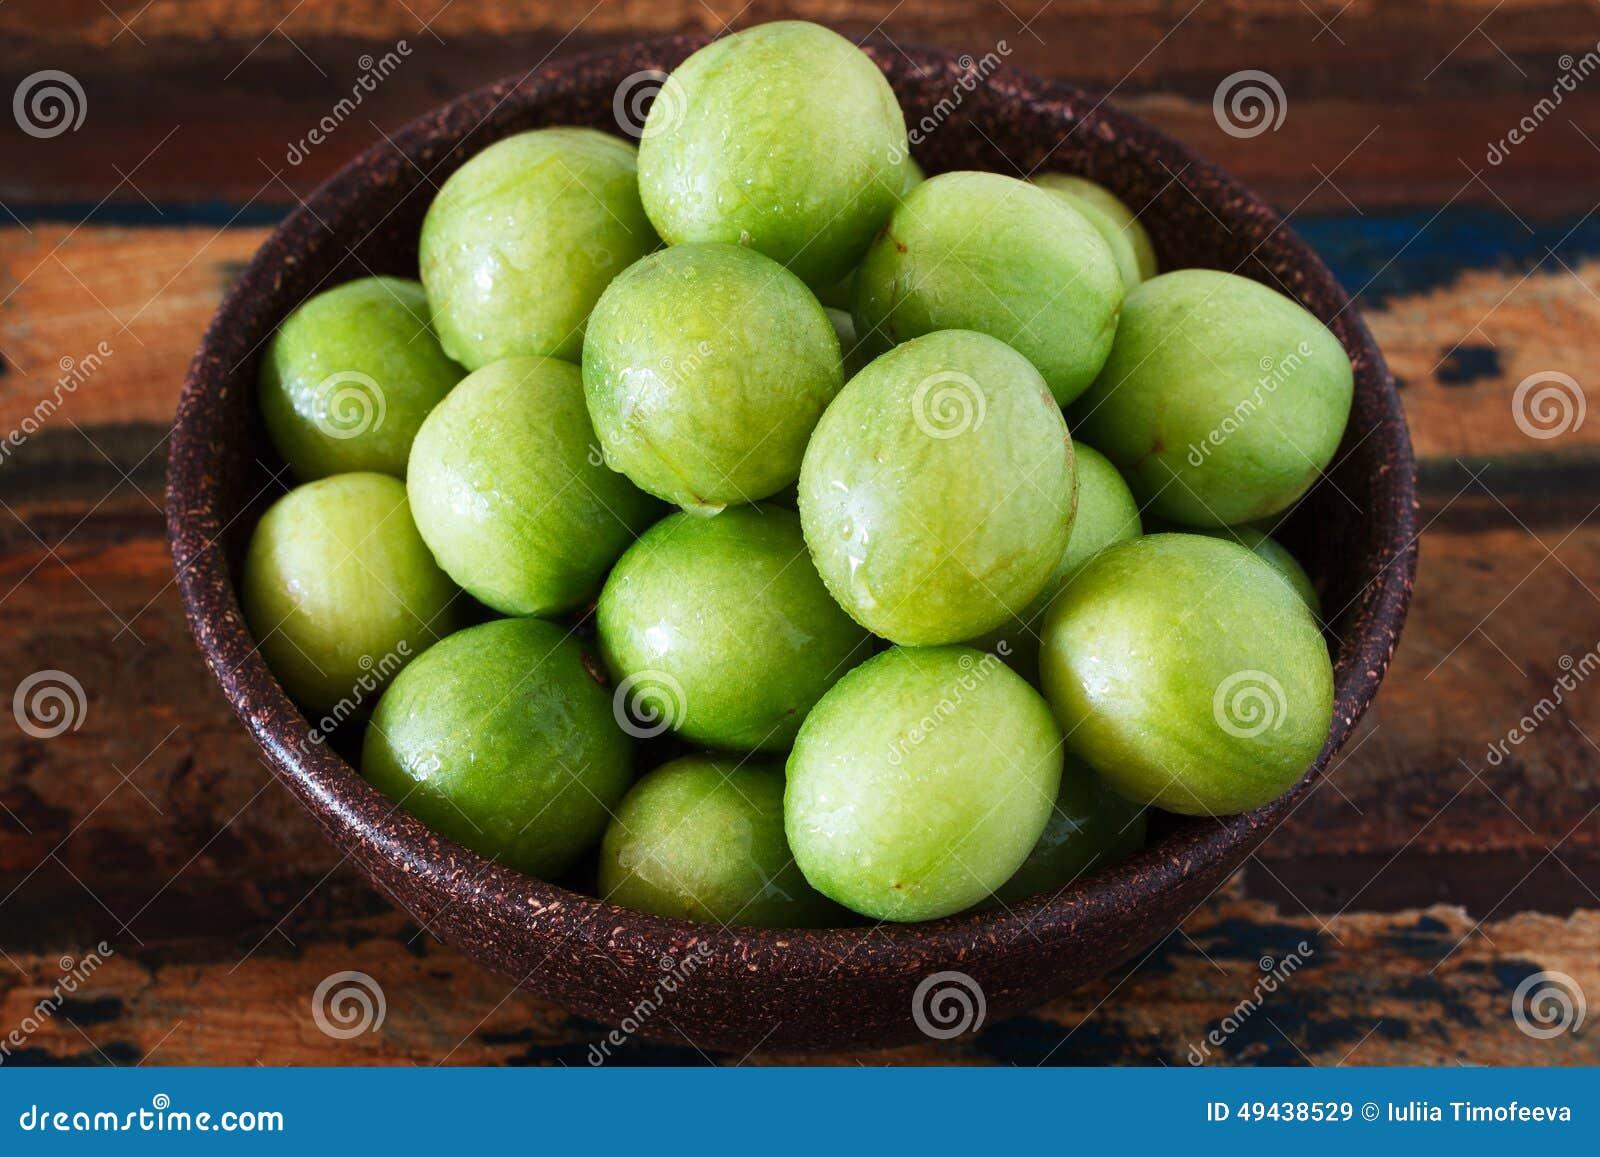 巴西果子热带母果tuberosa (巴西李子,imbu, umbu)在桌上的碗 选择